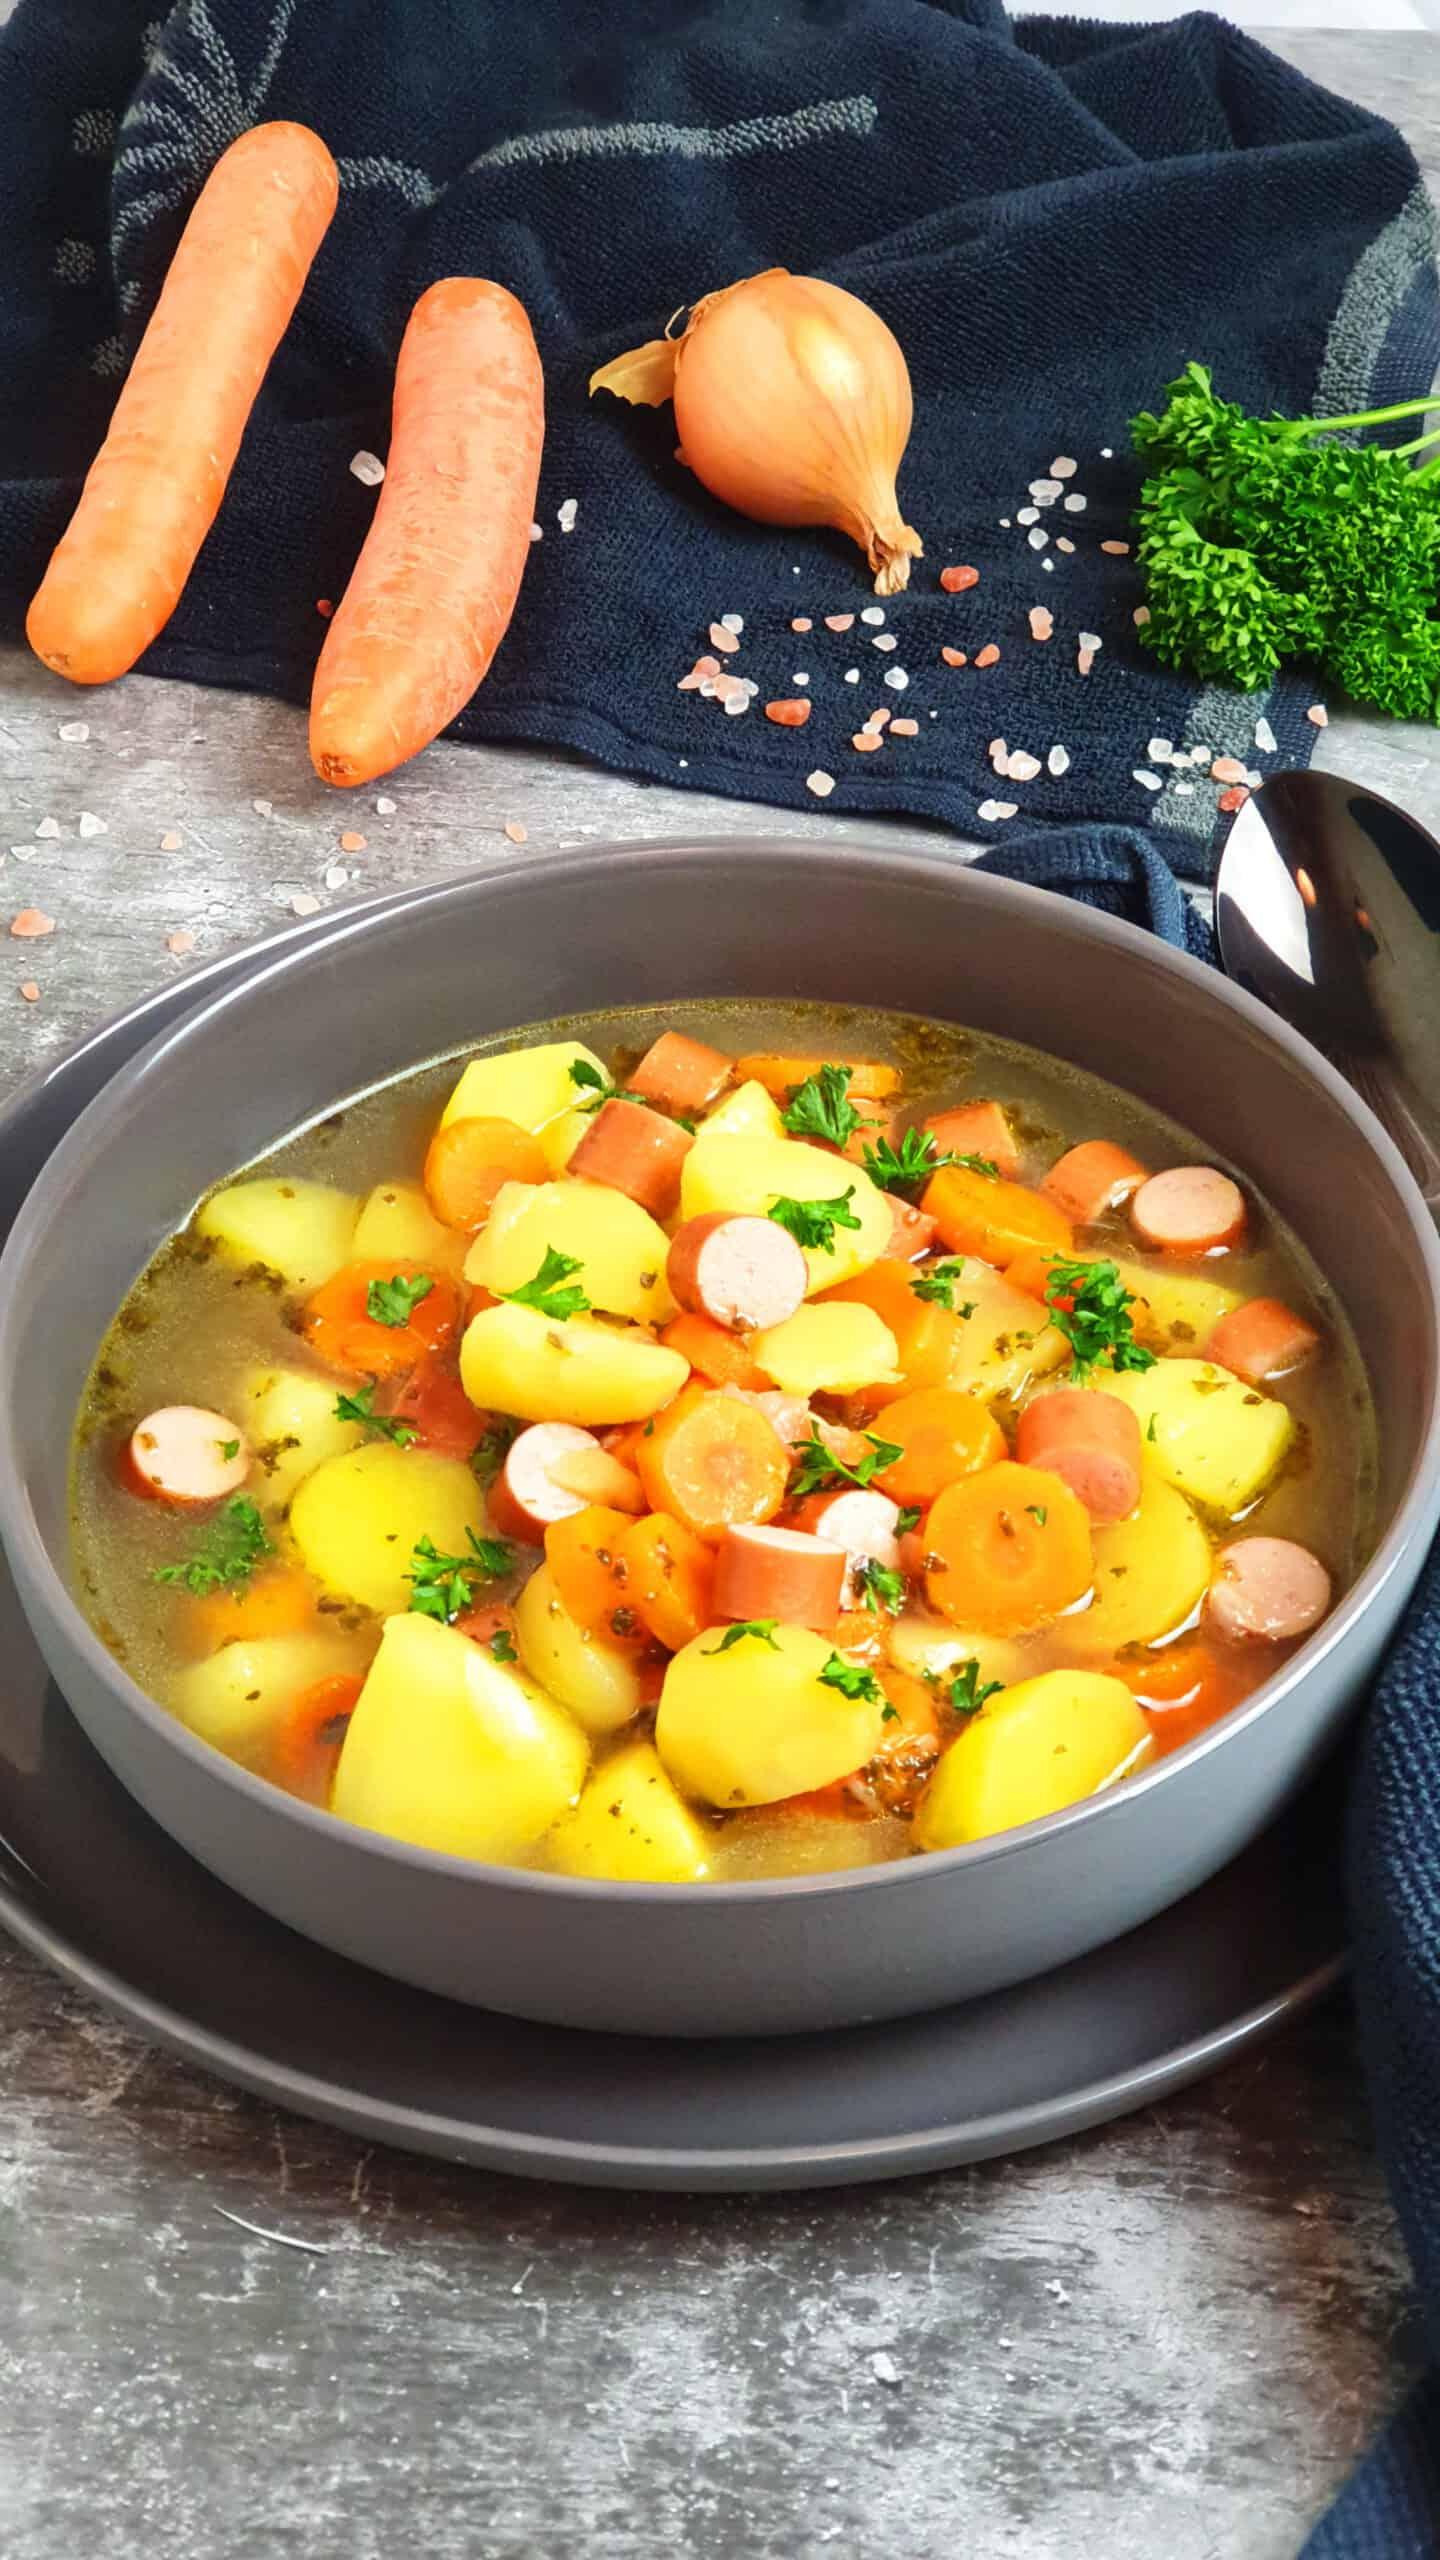 In einer grauen Schale eine Kartoffel-Möhren Suppe mit Wiener Würstchen. Mit Petersilie bestreut. Im Hintergrund Deko.